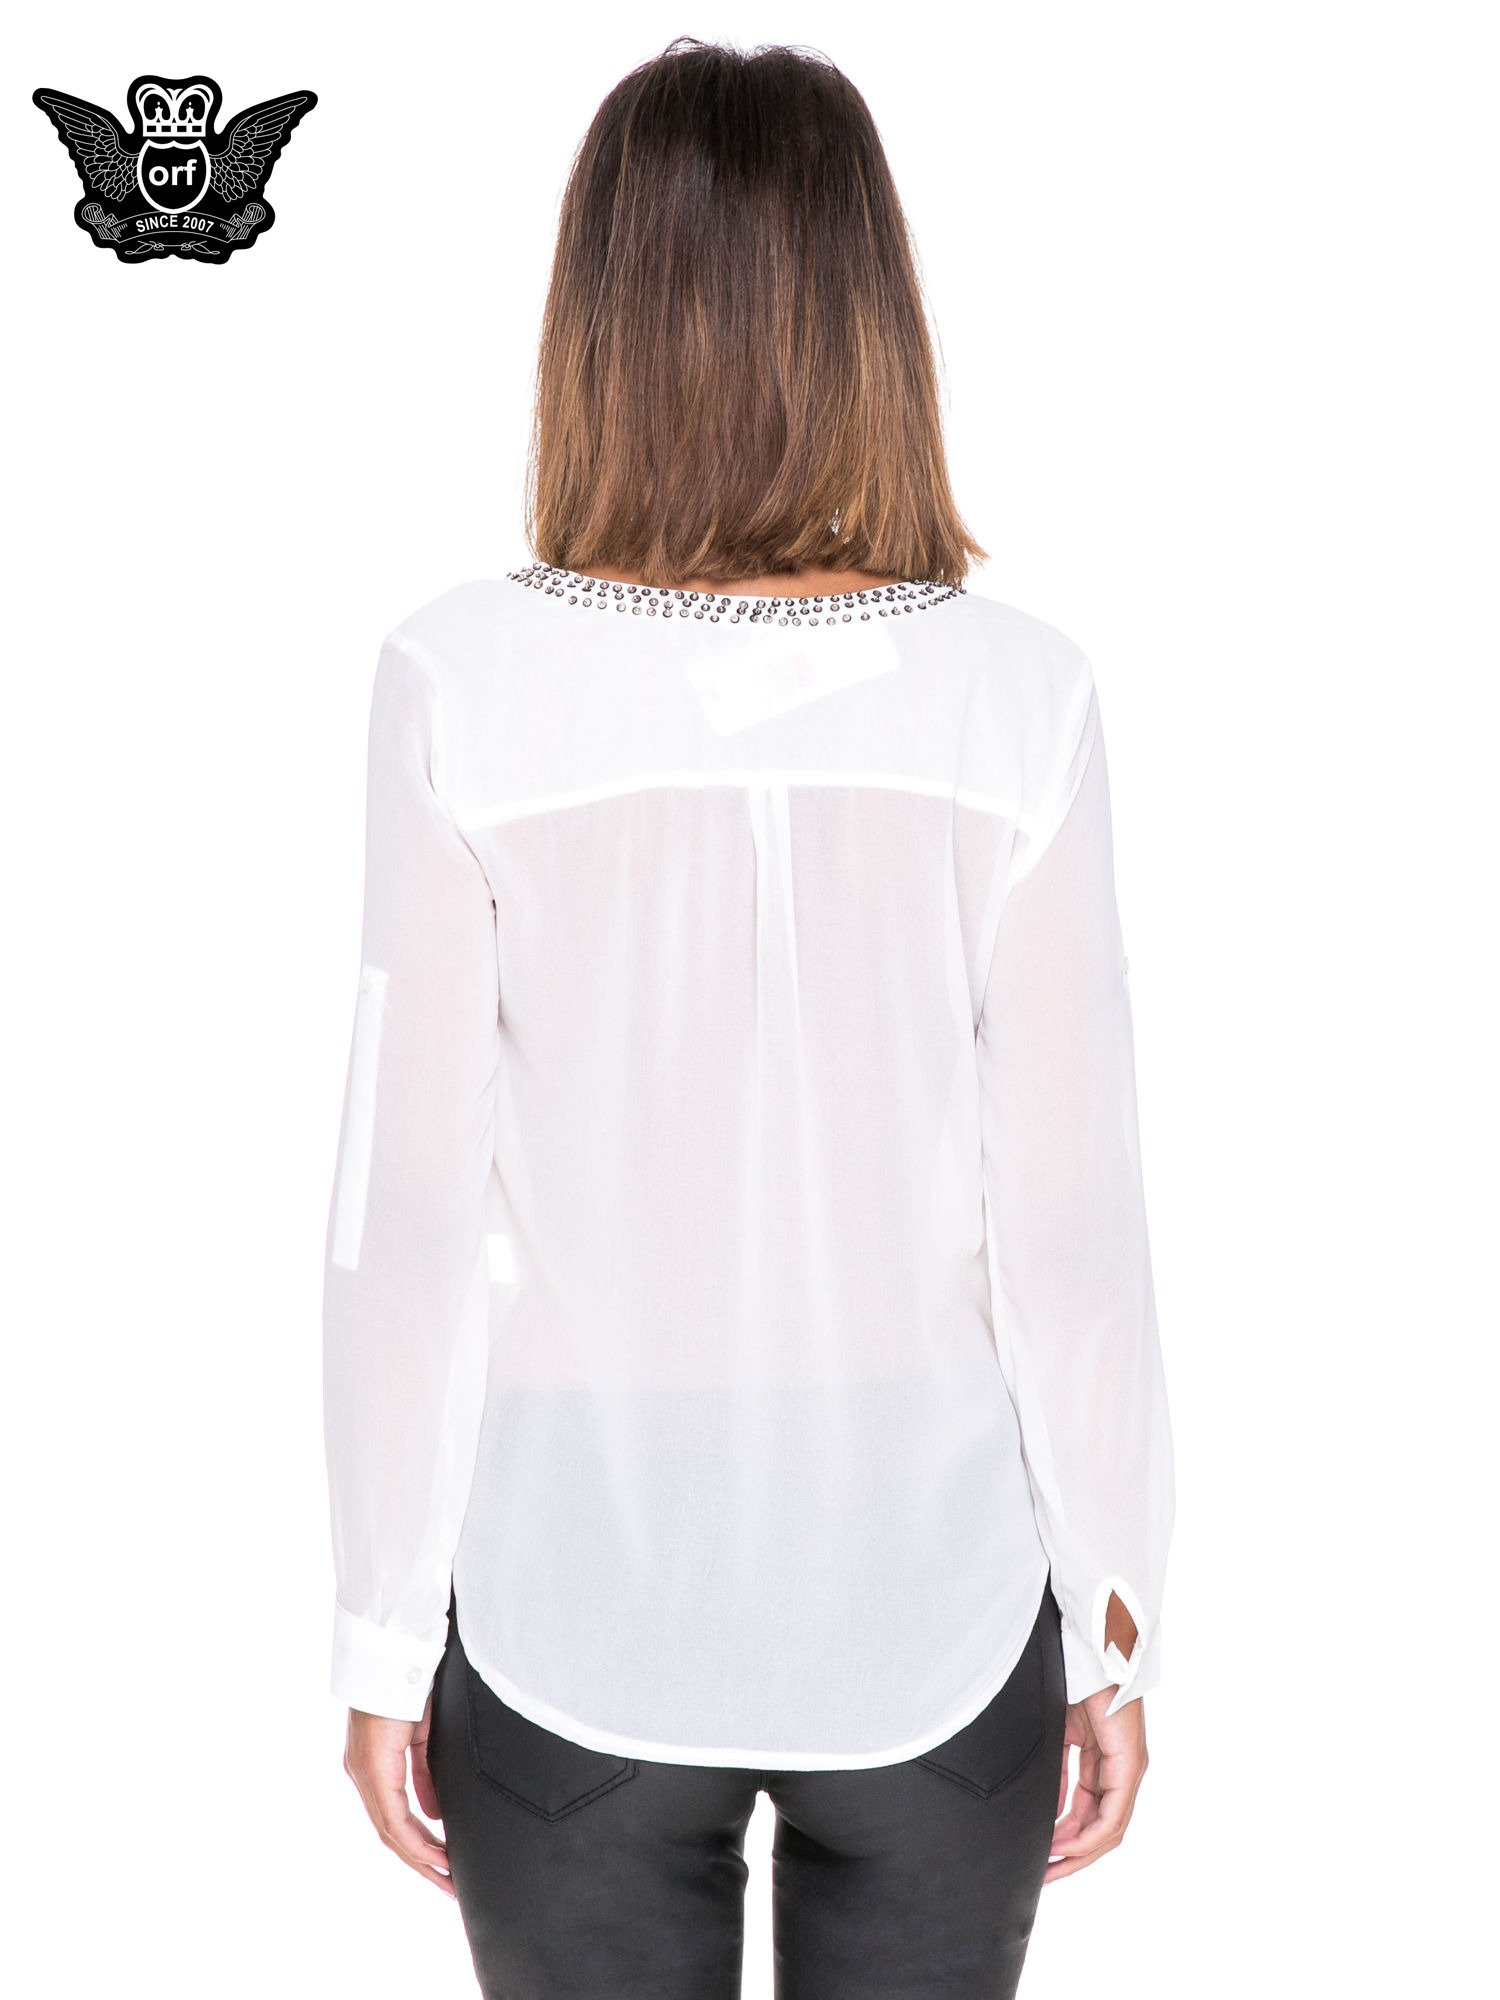 Biała koszula z transparentnymi rękawami i dżetami przy dekolcie                                  zdj.                                  4